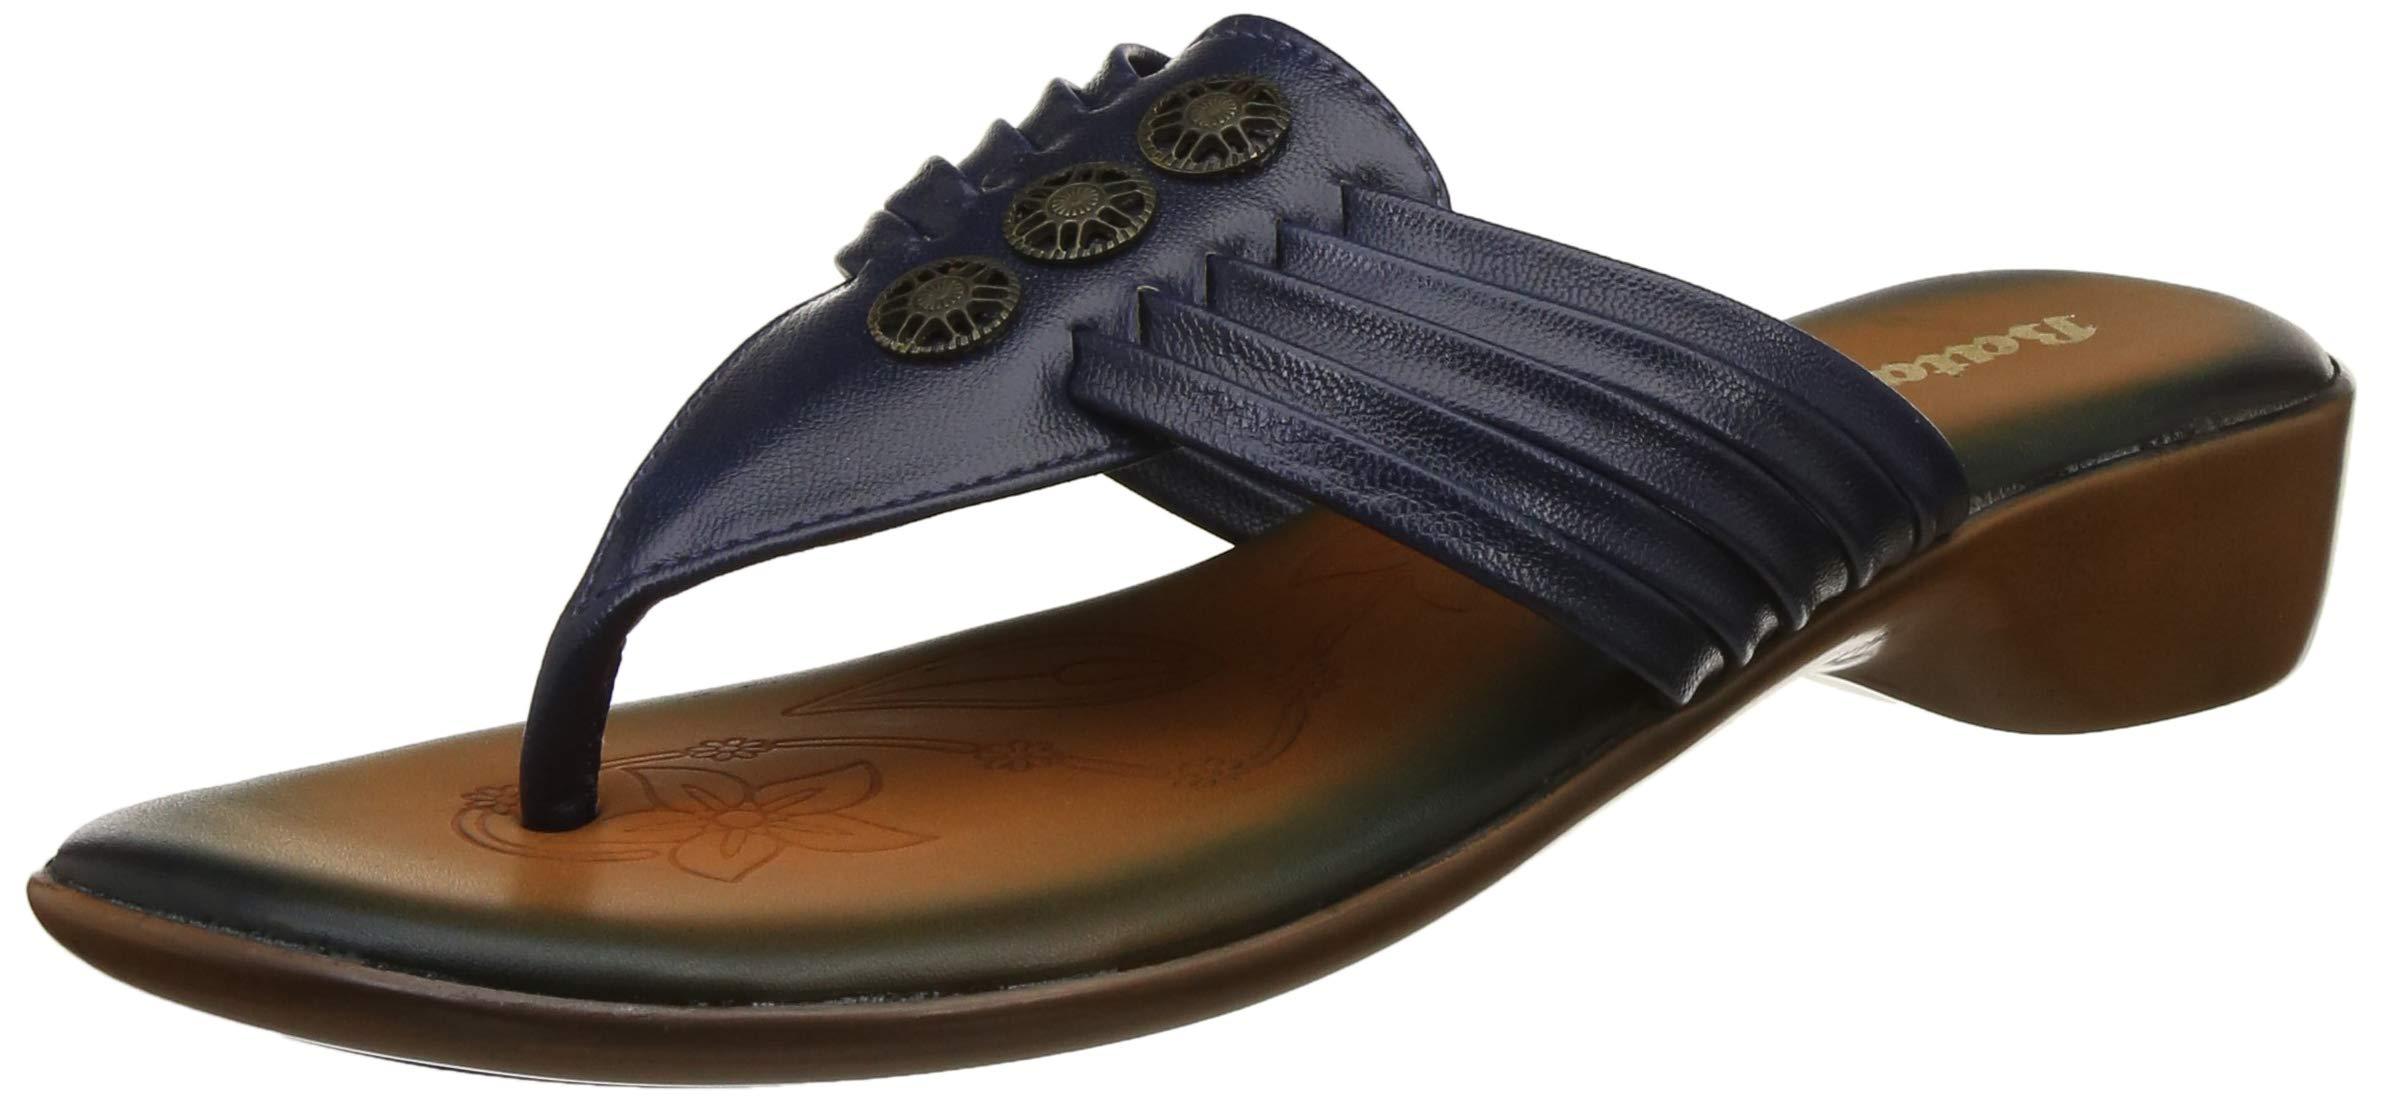 BATA Women's Buttons Slippers